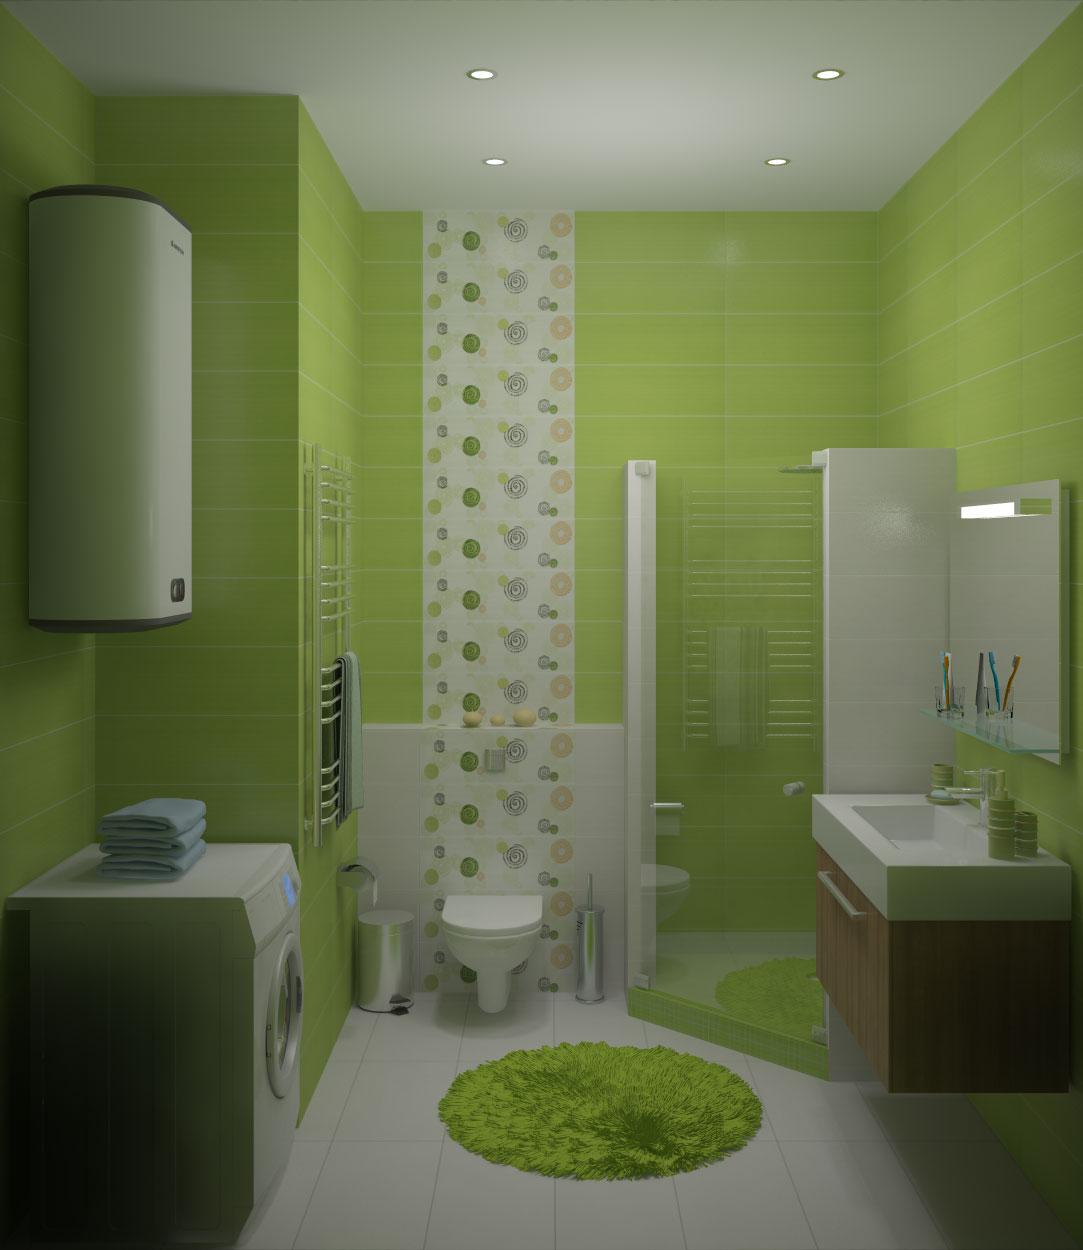 Дизайн кафельной плитки в ванной: Душевая кабина своими руками из кафельной плитки, фото-отчет